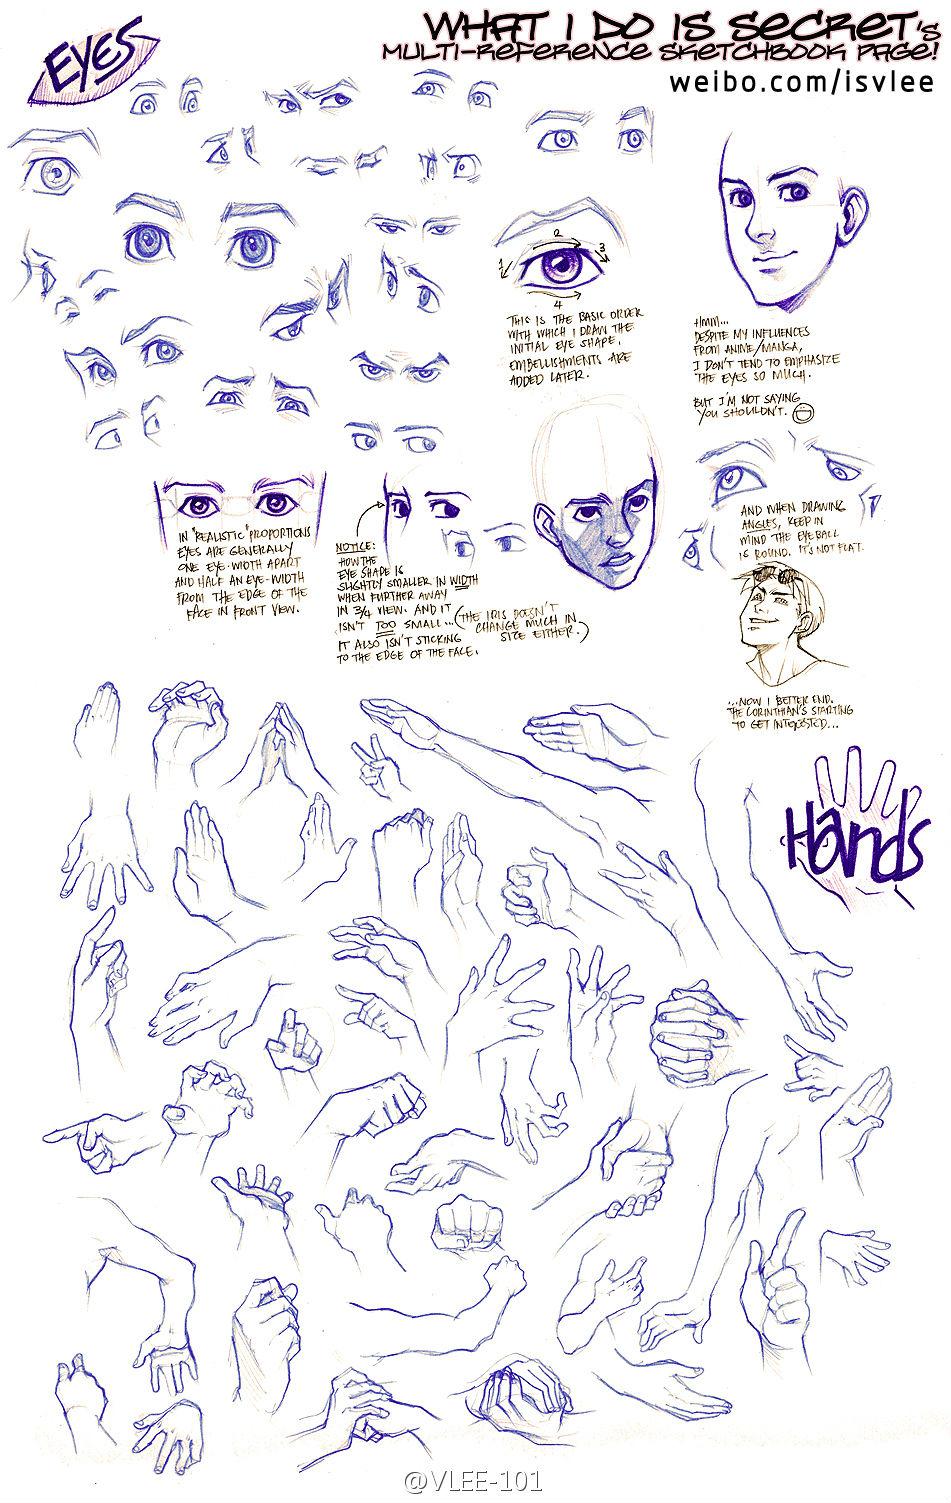 求动漫各种手的动作铅笔图 练习画手_百度知道